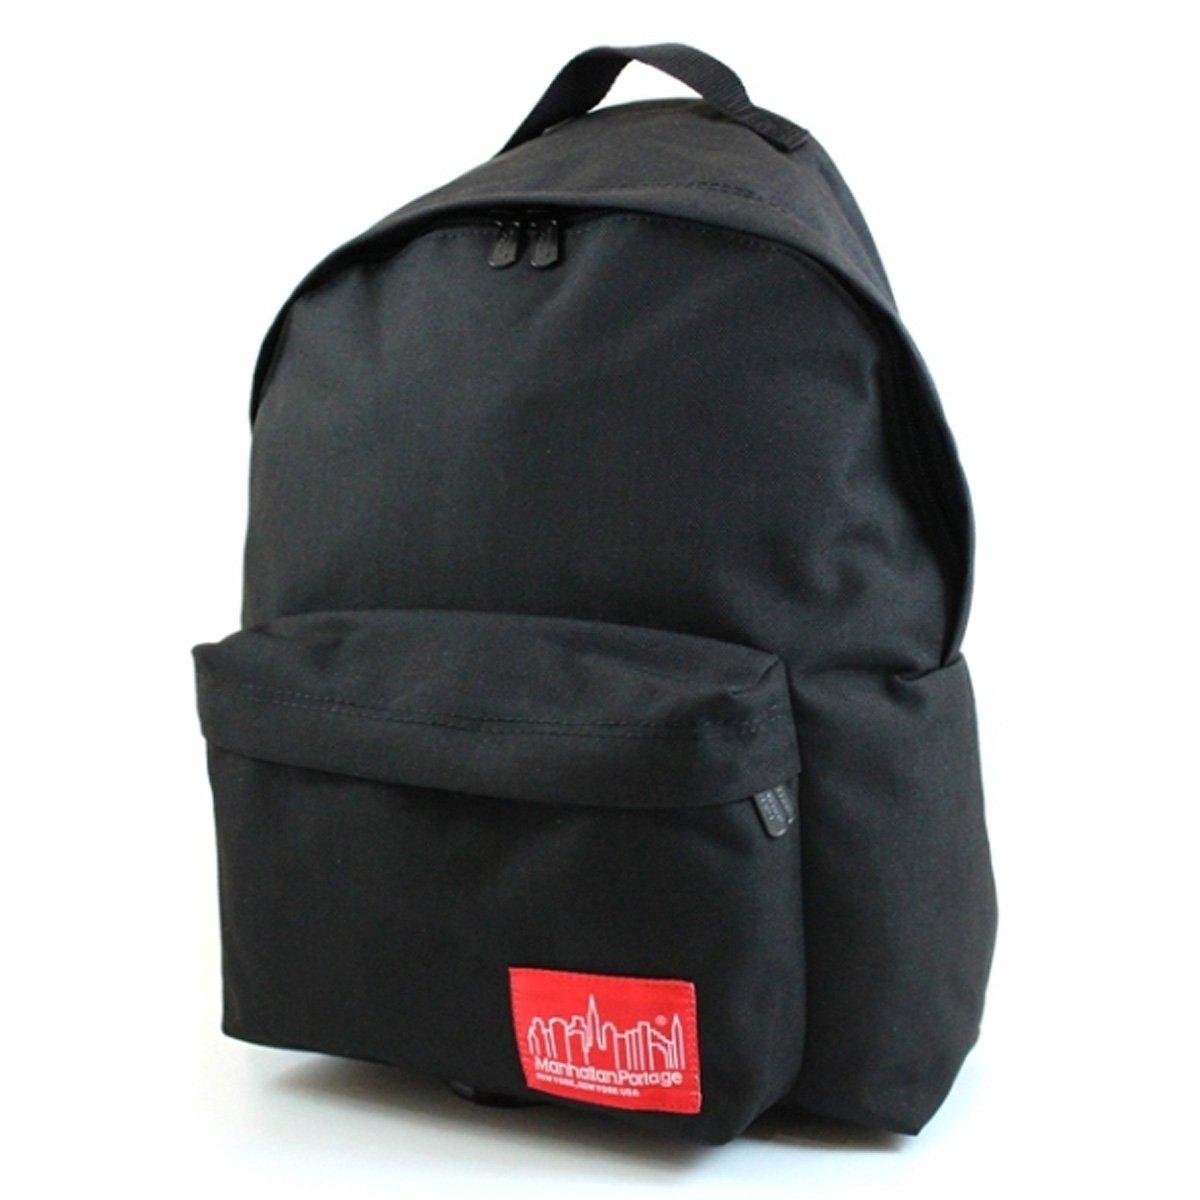 Manhattan Portage マンハッタンポーテージ リュック バッグ バックパック Big Apple Backpack ビッグアップル MP1210 B07C9FHQLK